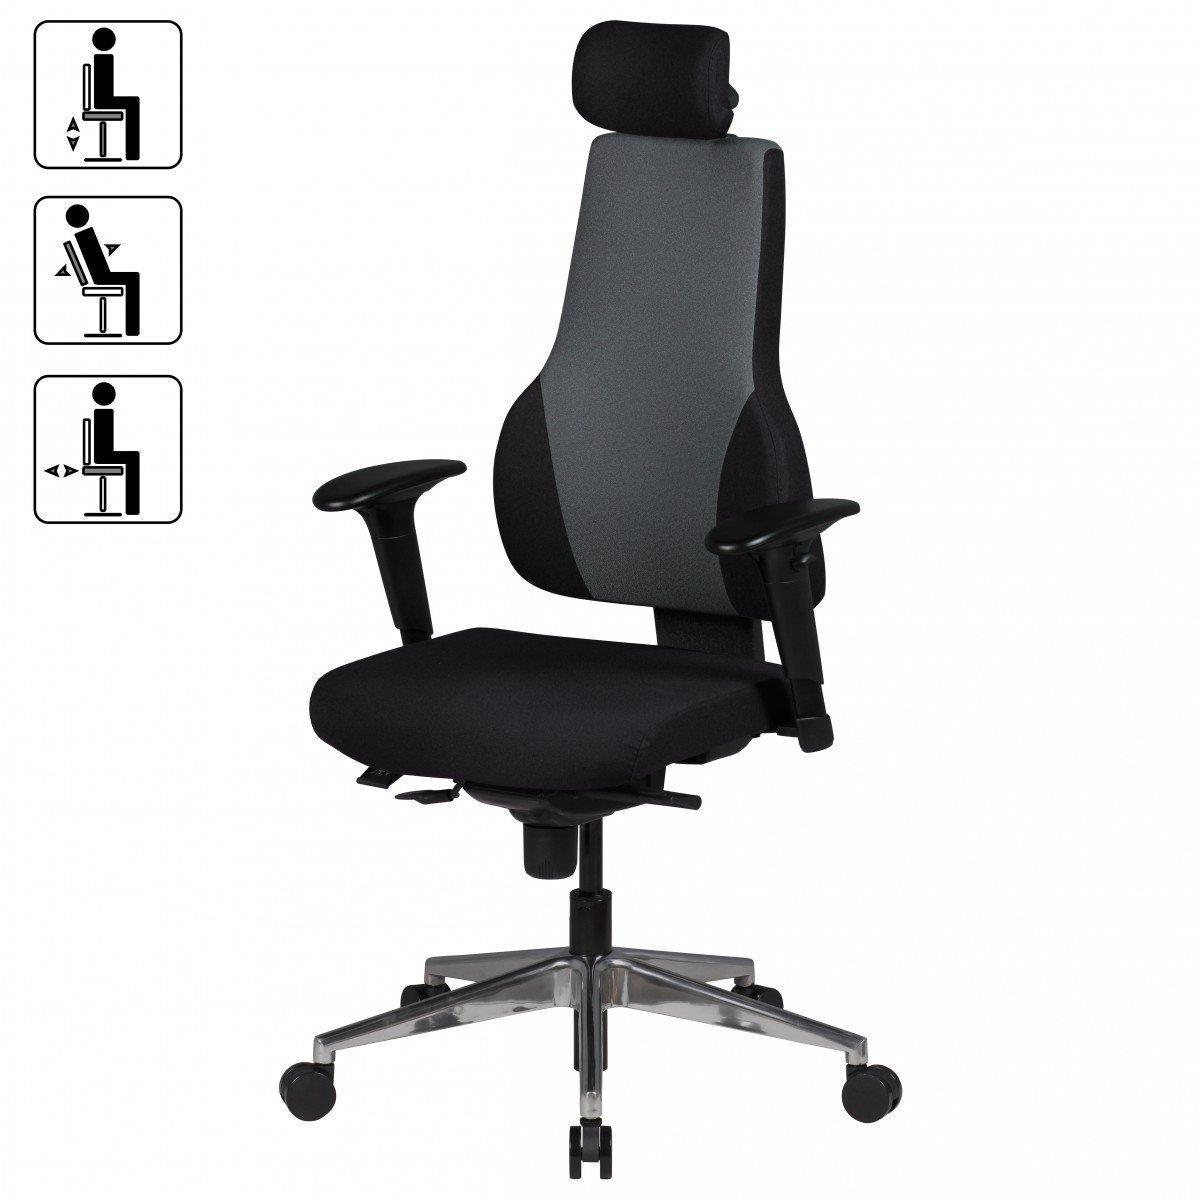 Sedia ergonomica ulisse poggiatesta e braccioli for Sedia ergonomica